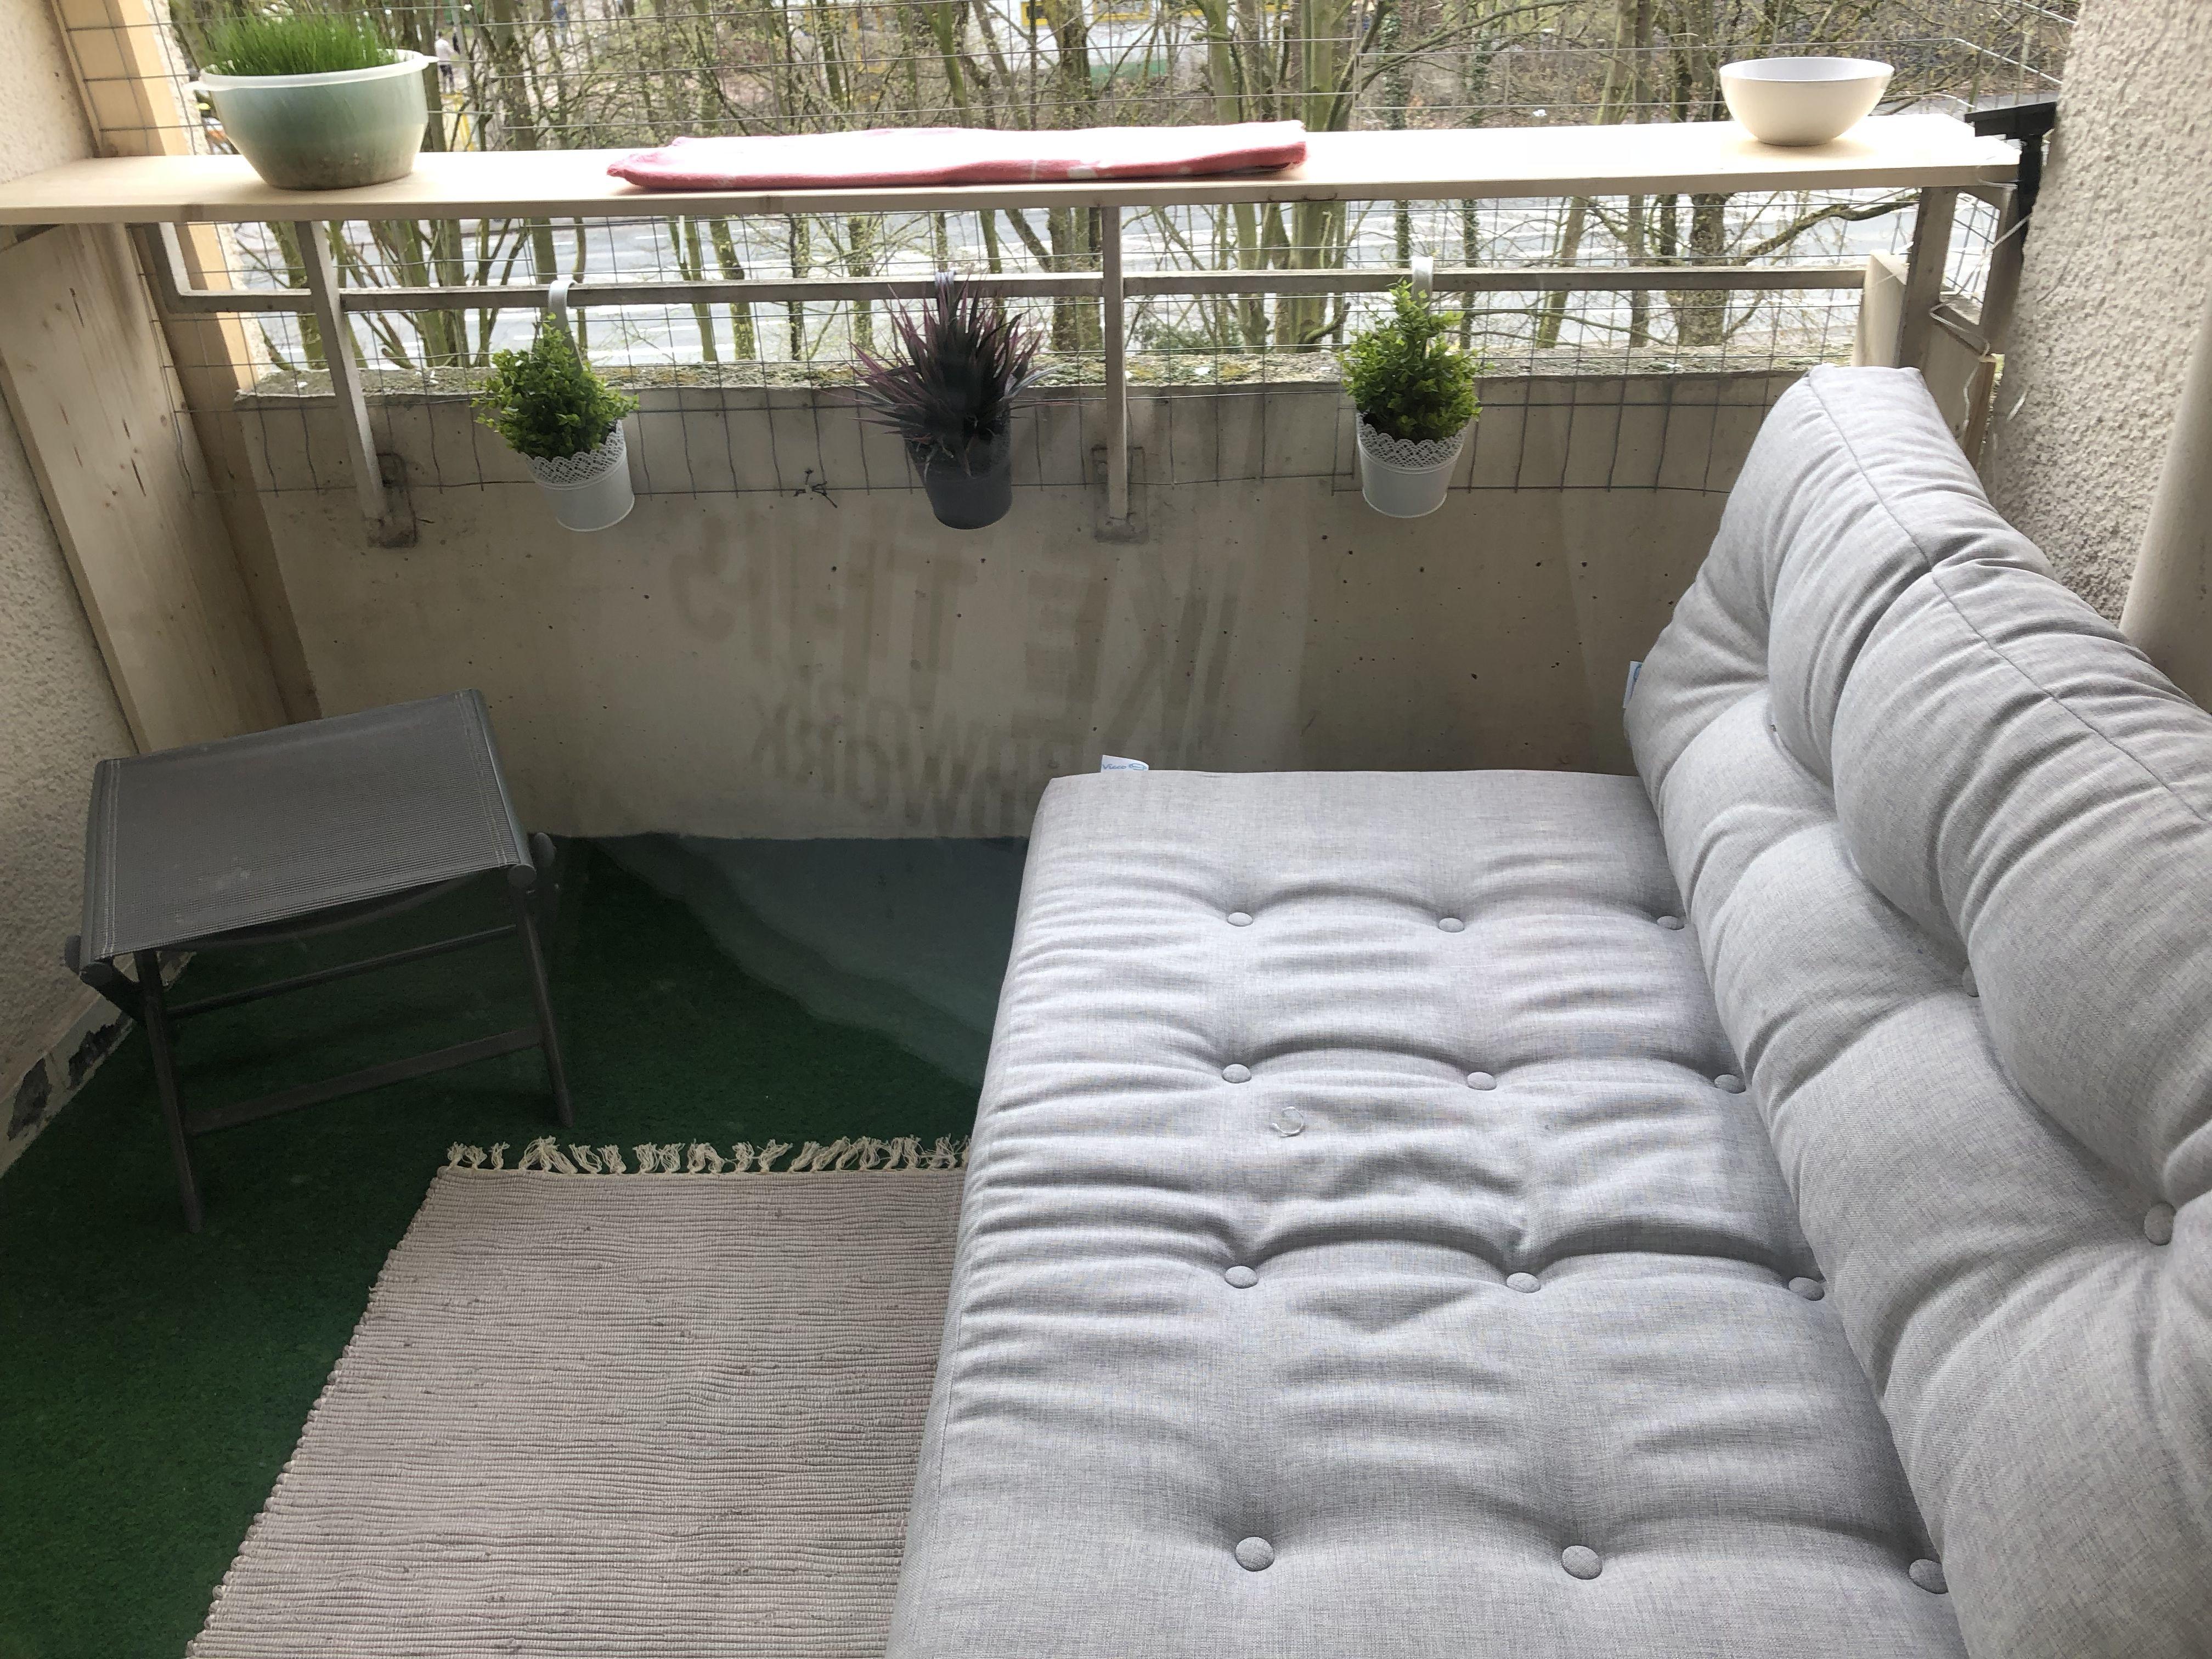 mein balkon :-) klein aber wunderbar genutzt. mit europaletten